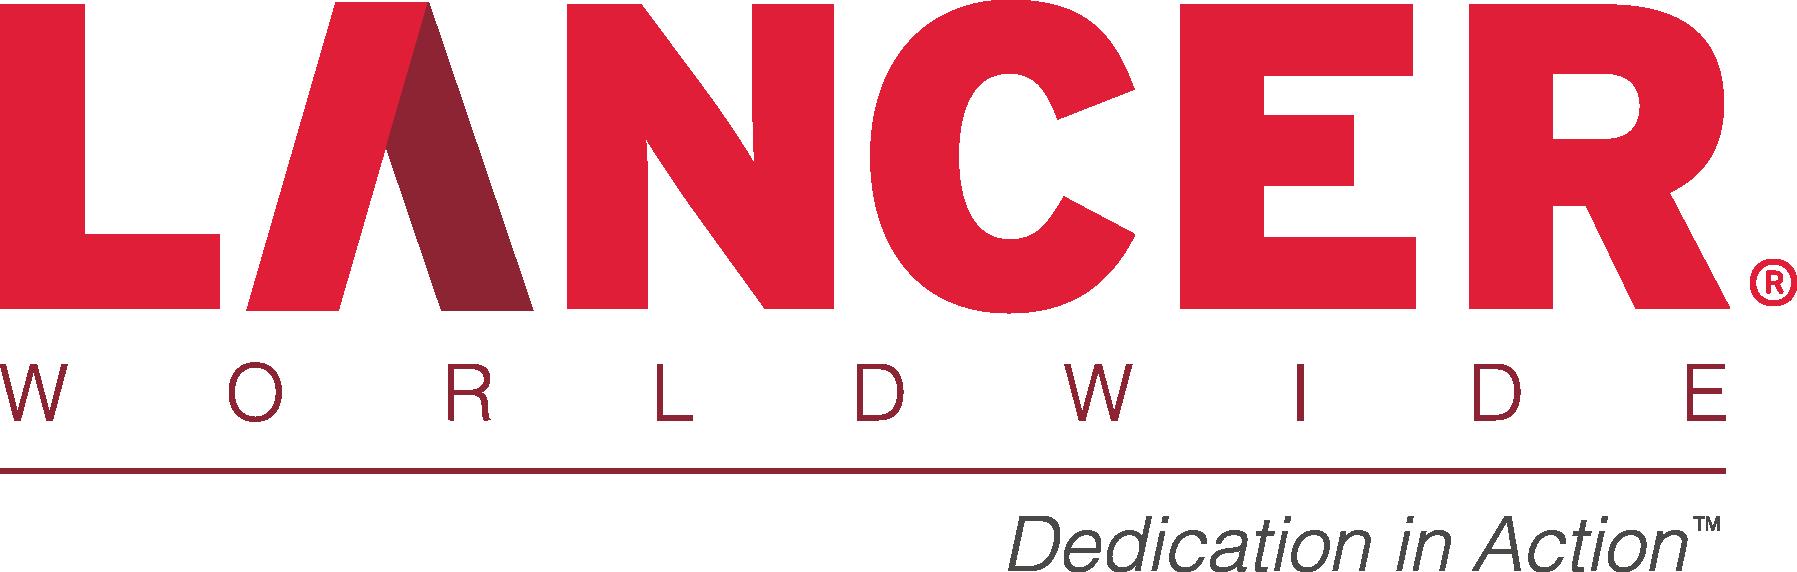 Lancer Worldwide